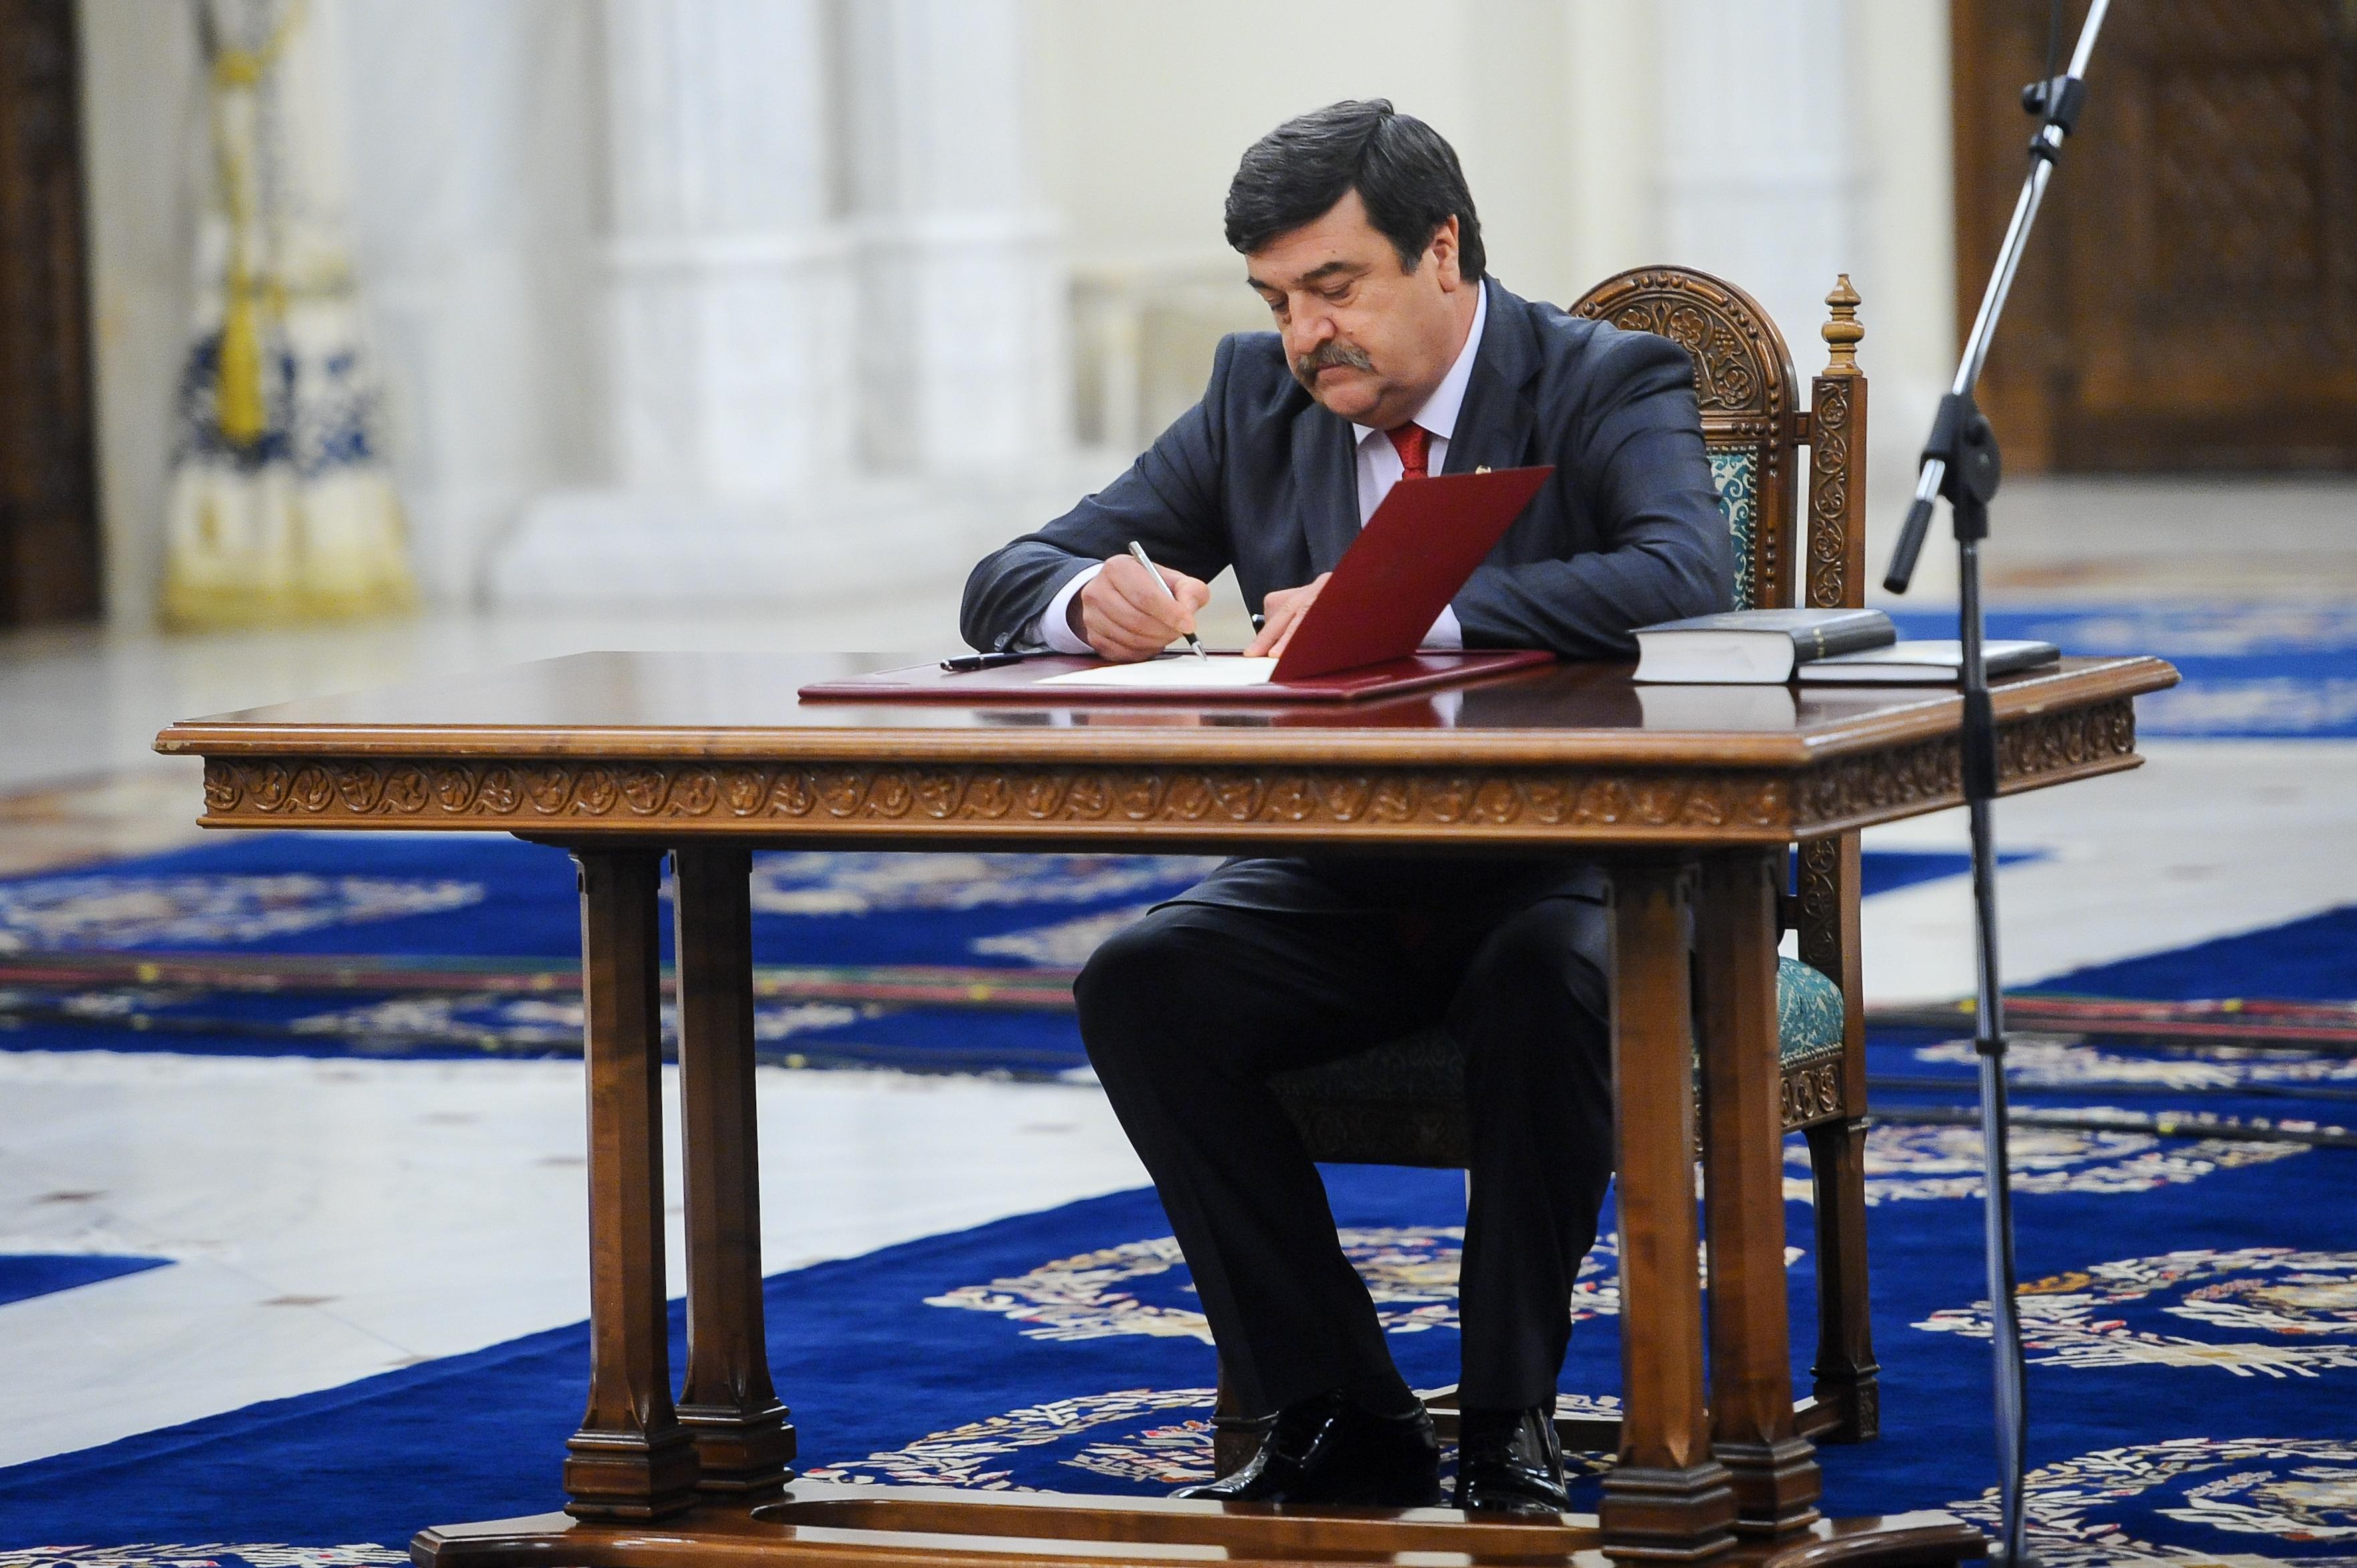 fostul-judecator-ccr-toni-grebla-va-fi-noul-secretar-general-al-guvernului